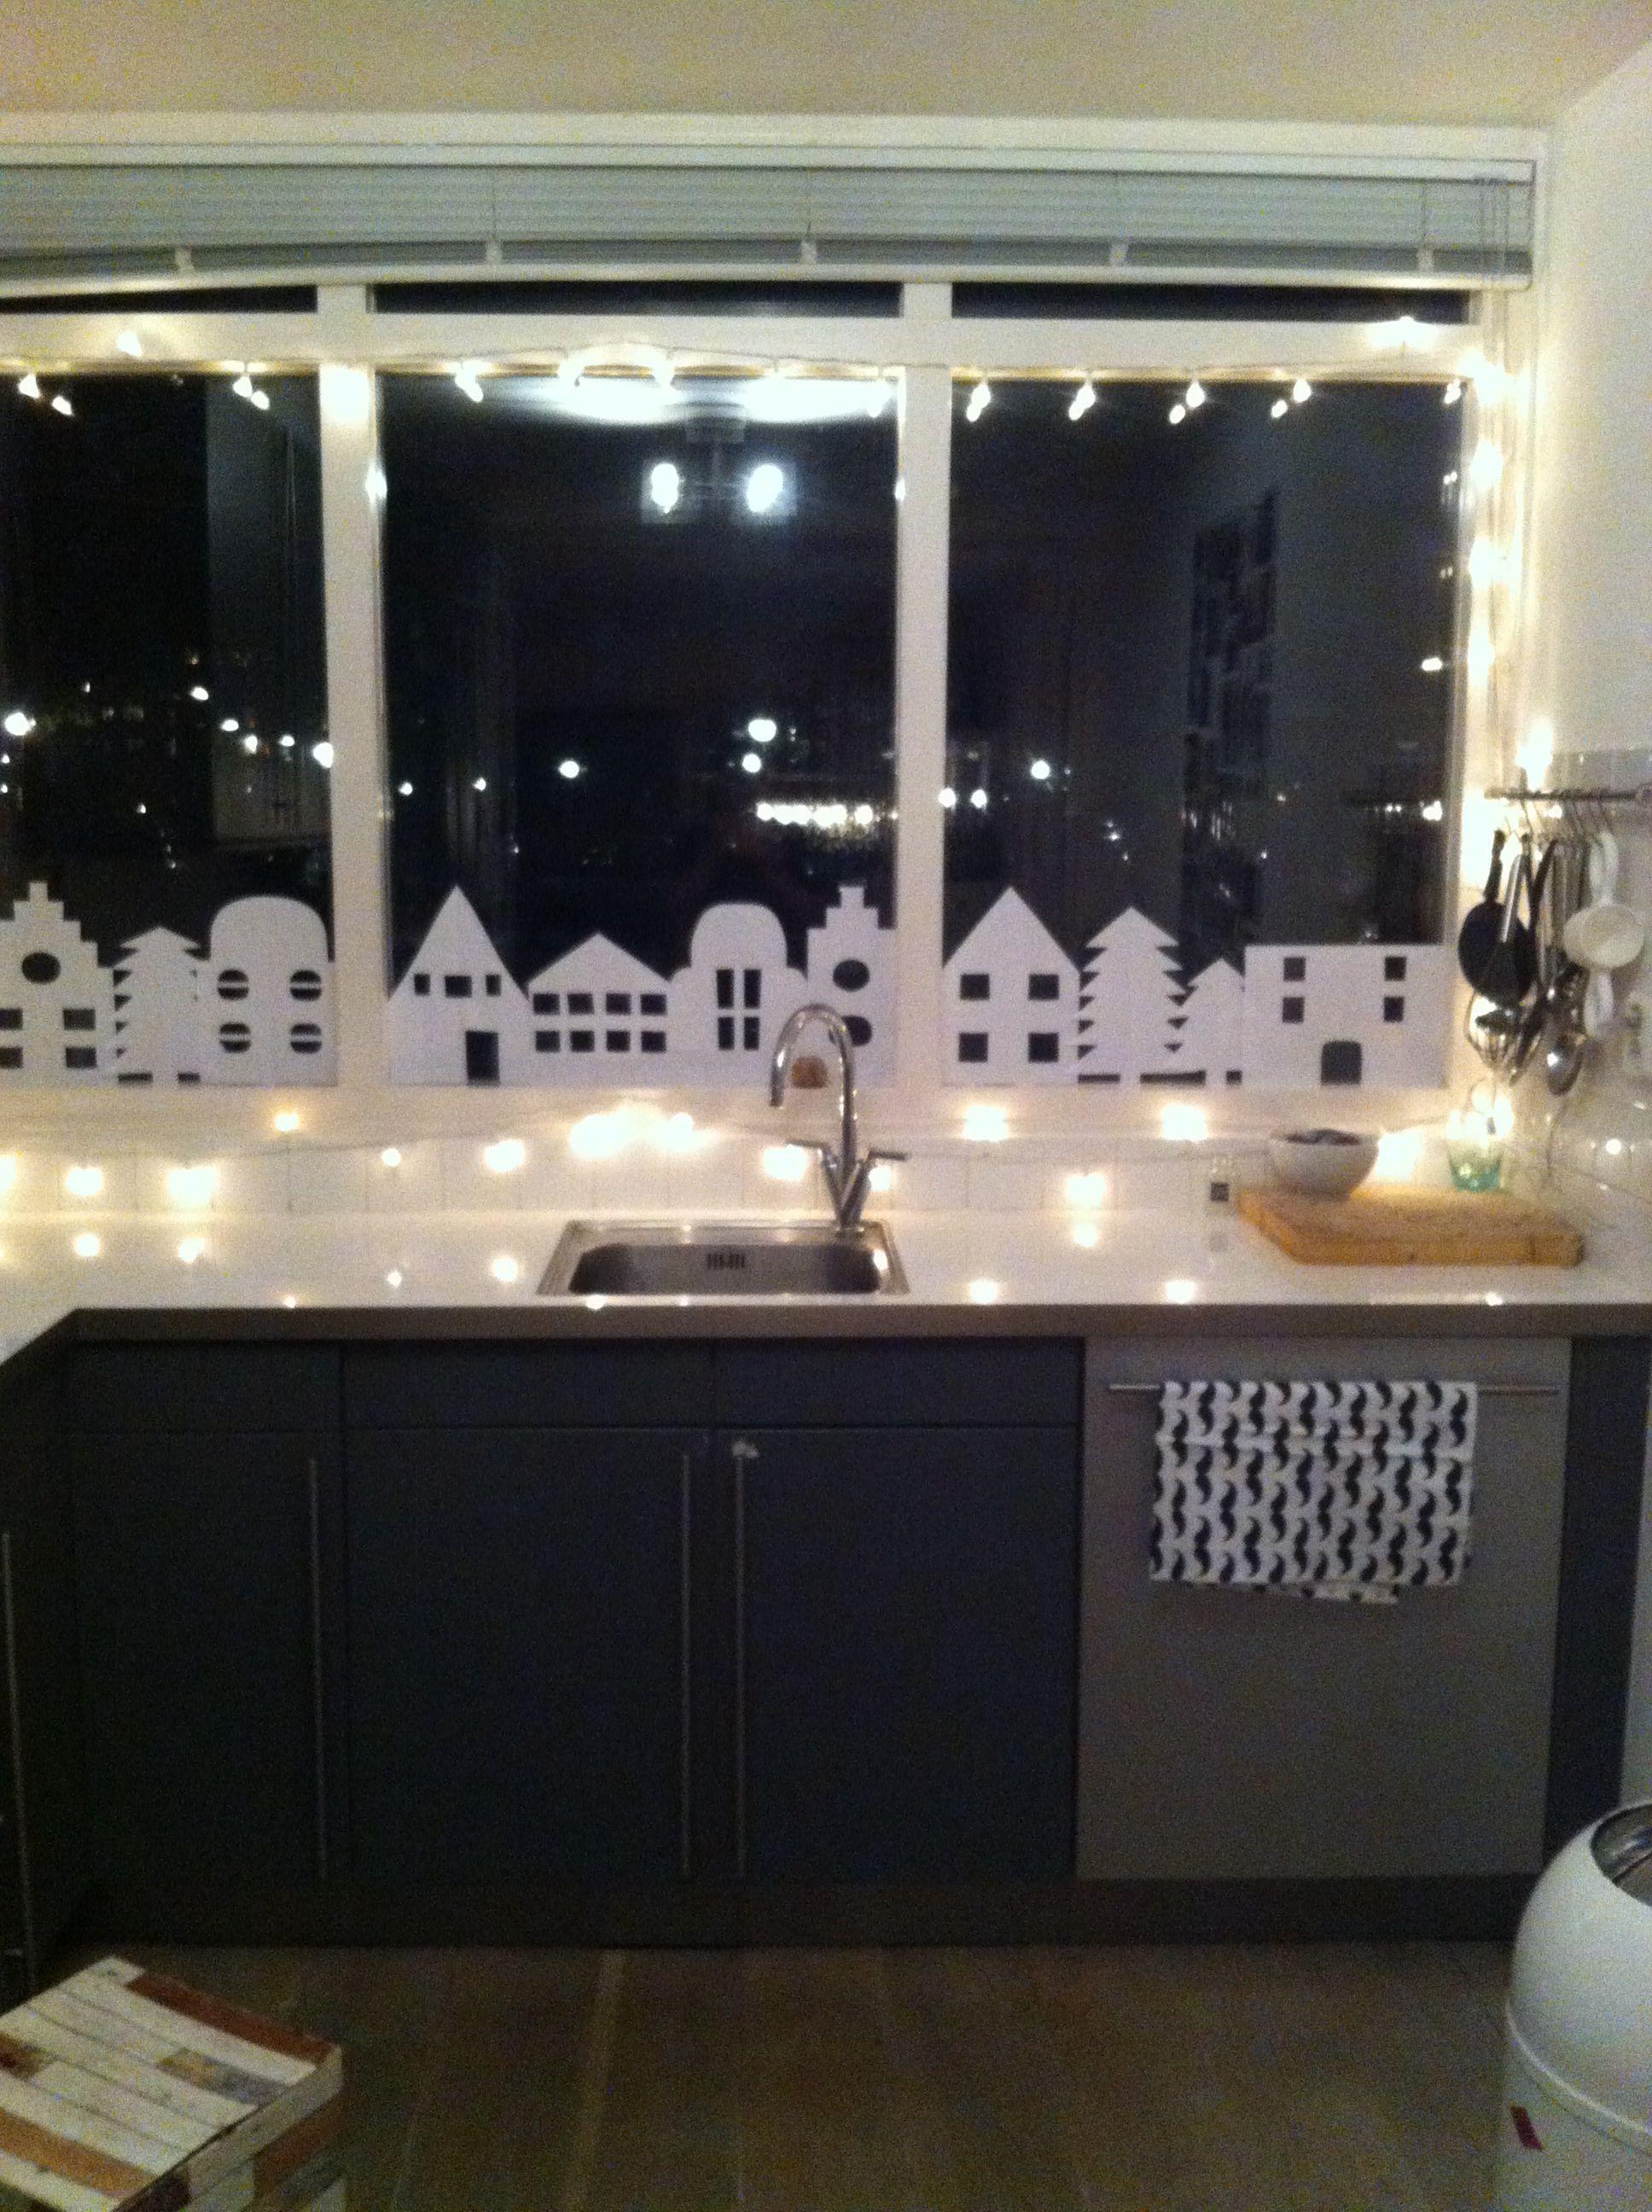 Bedwelming Mijn eigen raamdecoratie dankzij Pinterest. | zelf maken - Kerst KI69